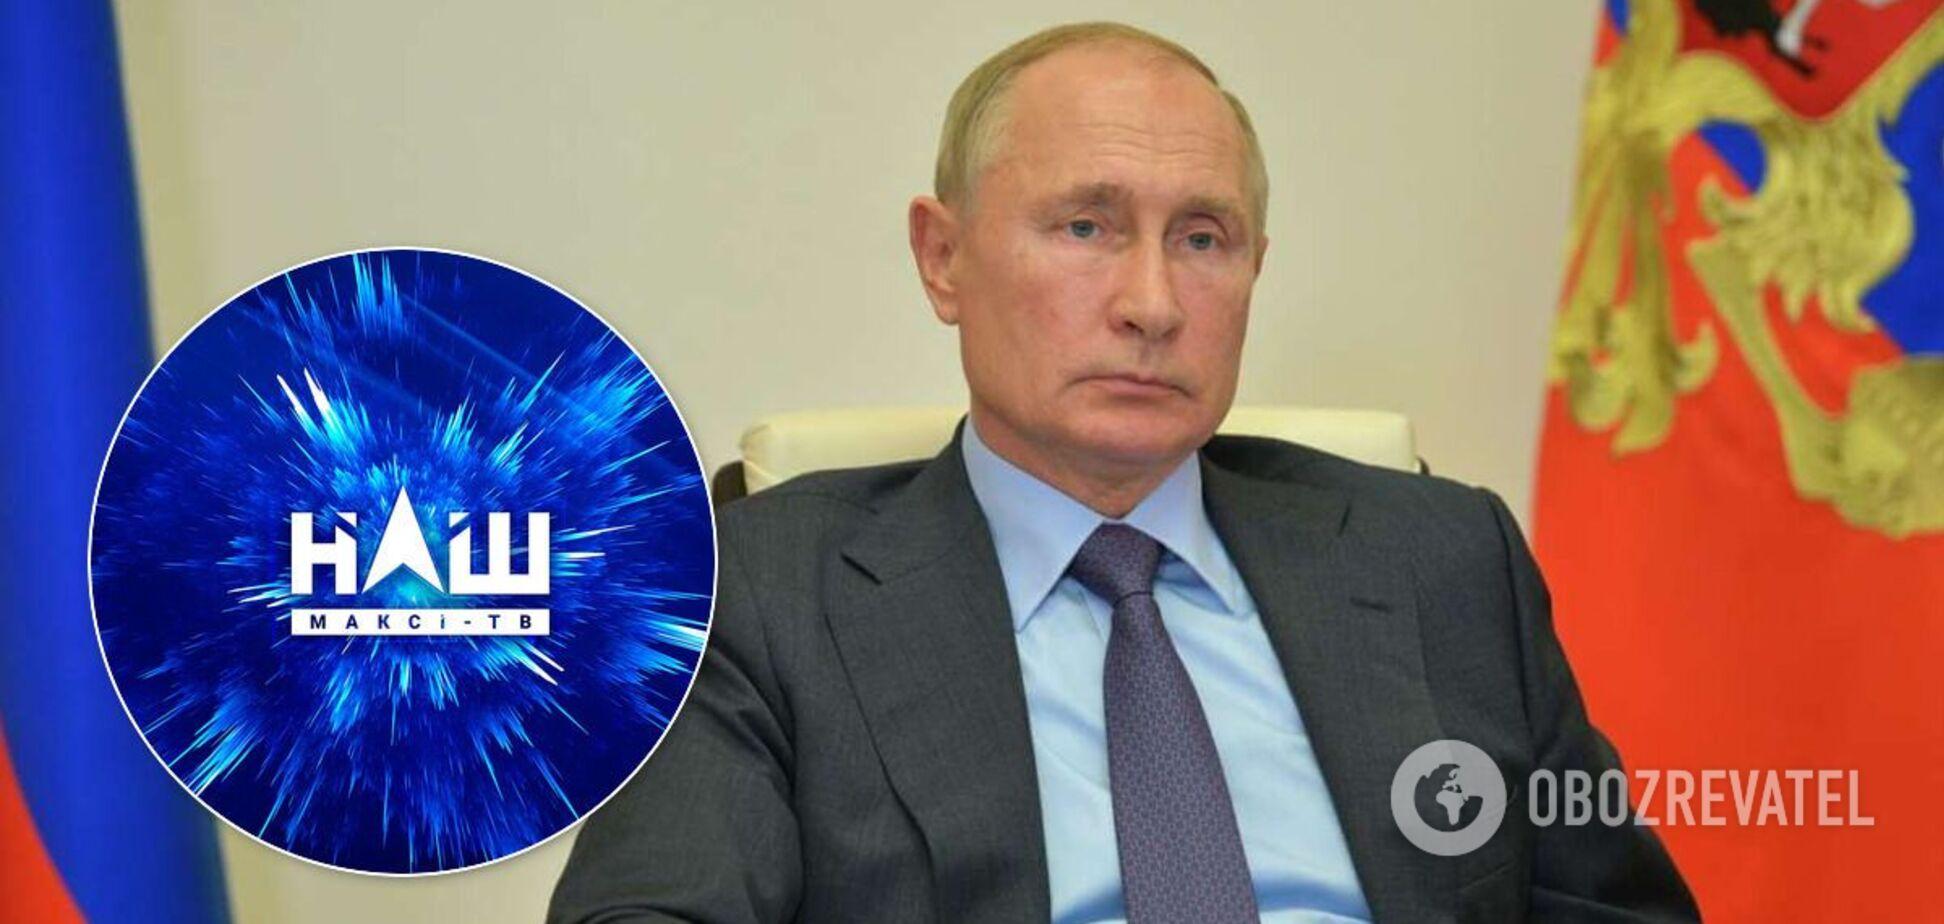 'НАШ' оскандалился с голосованием о Путине